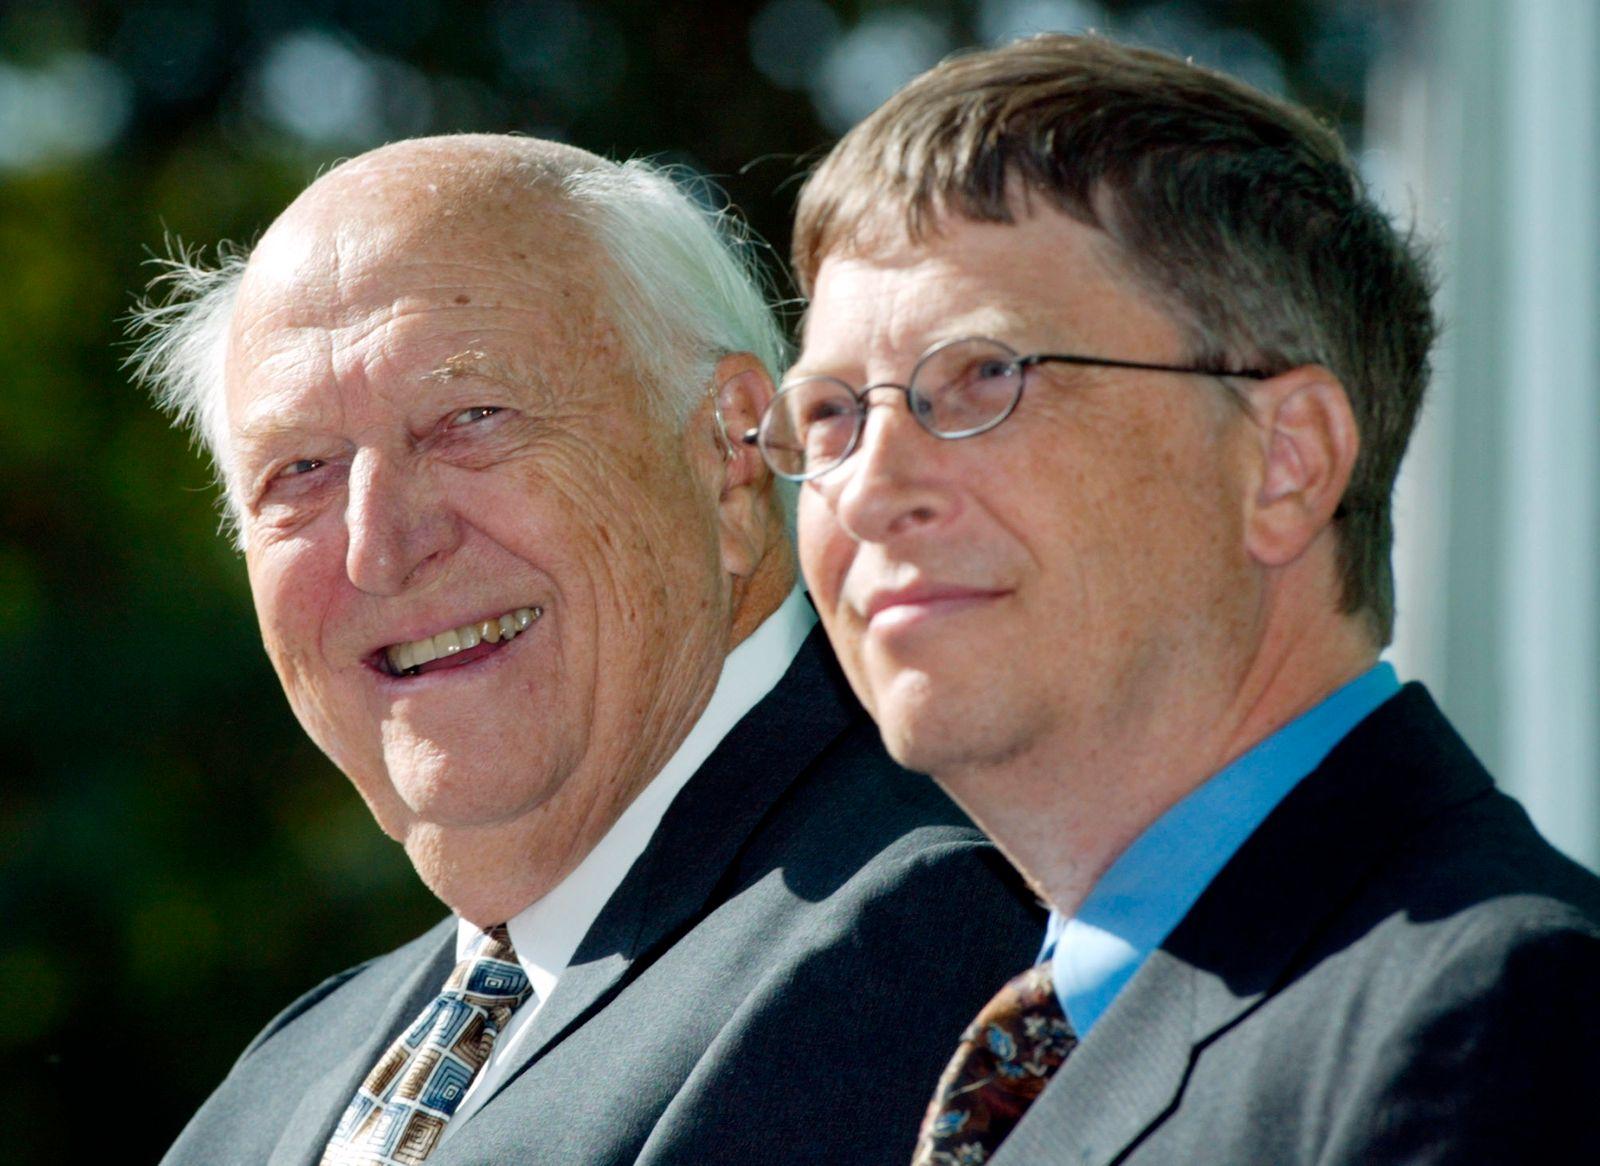 Vater von Microsoft-Gründer Bill Gates gestorben